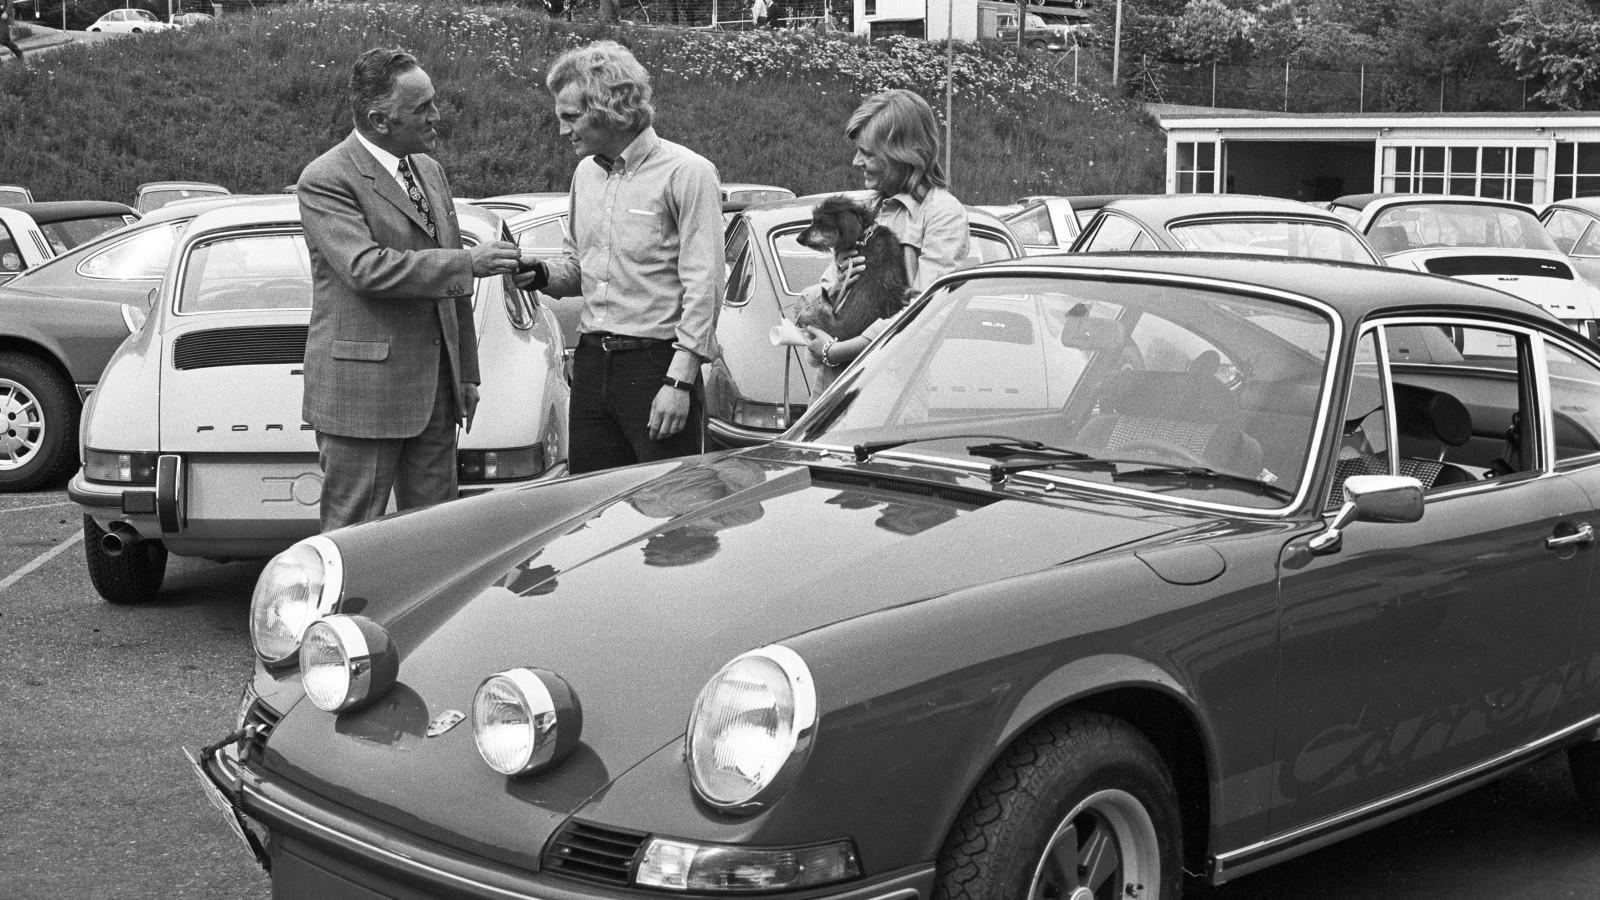 """Inte konstigt att Bayern München-spelaren Ulrich """"Uli"""" Hoeneß ser sammanbiten ut, att ratta en 911 Carrera RS 2.7 kräver stora förartalanger. Notera de ovanliga extraljusen på bagageluckan!"""